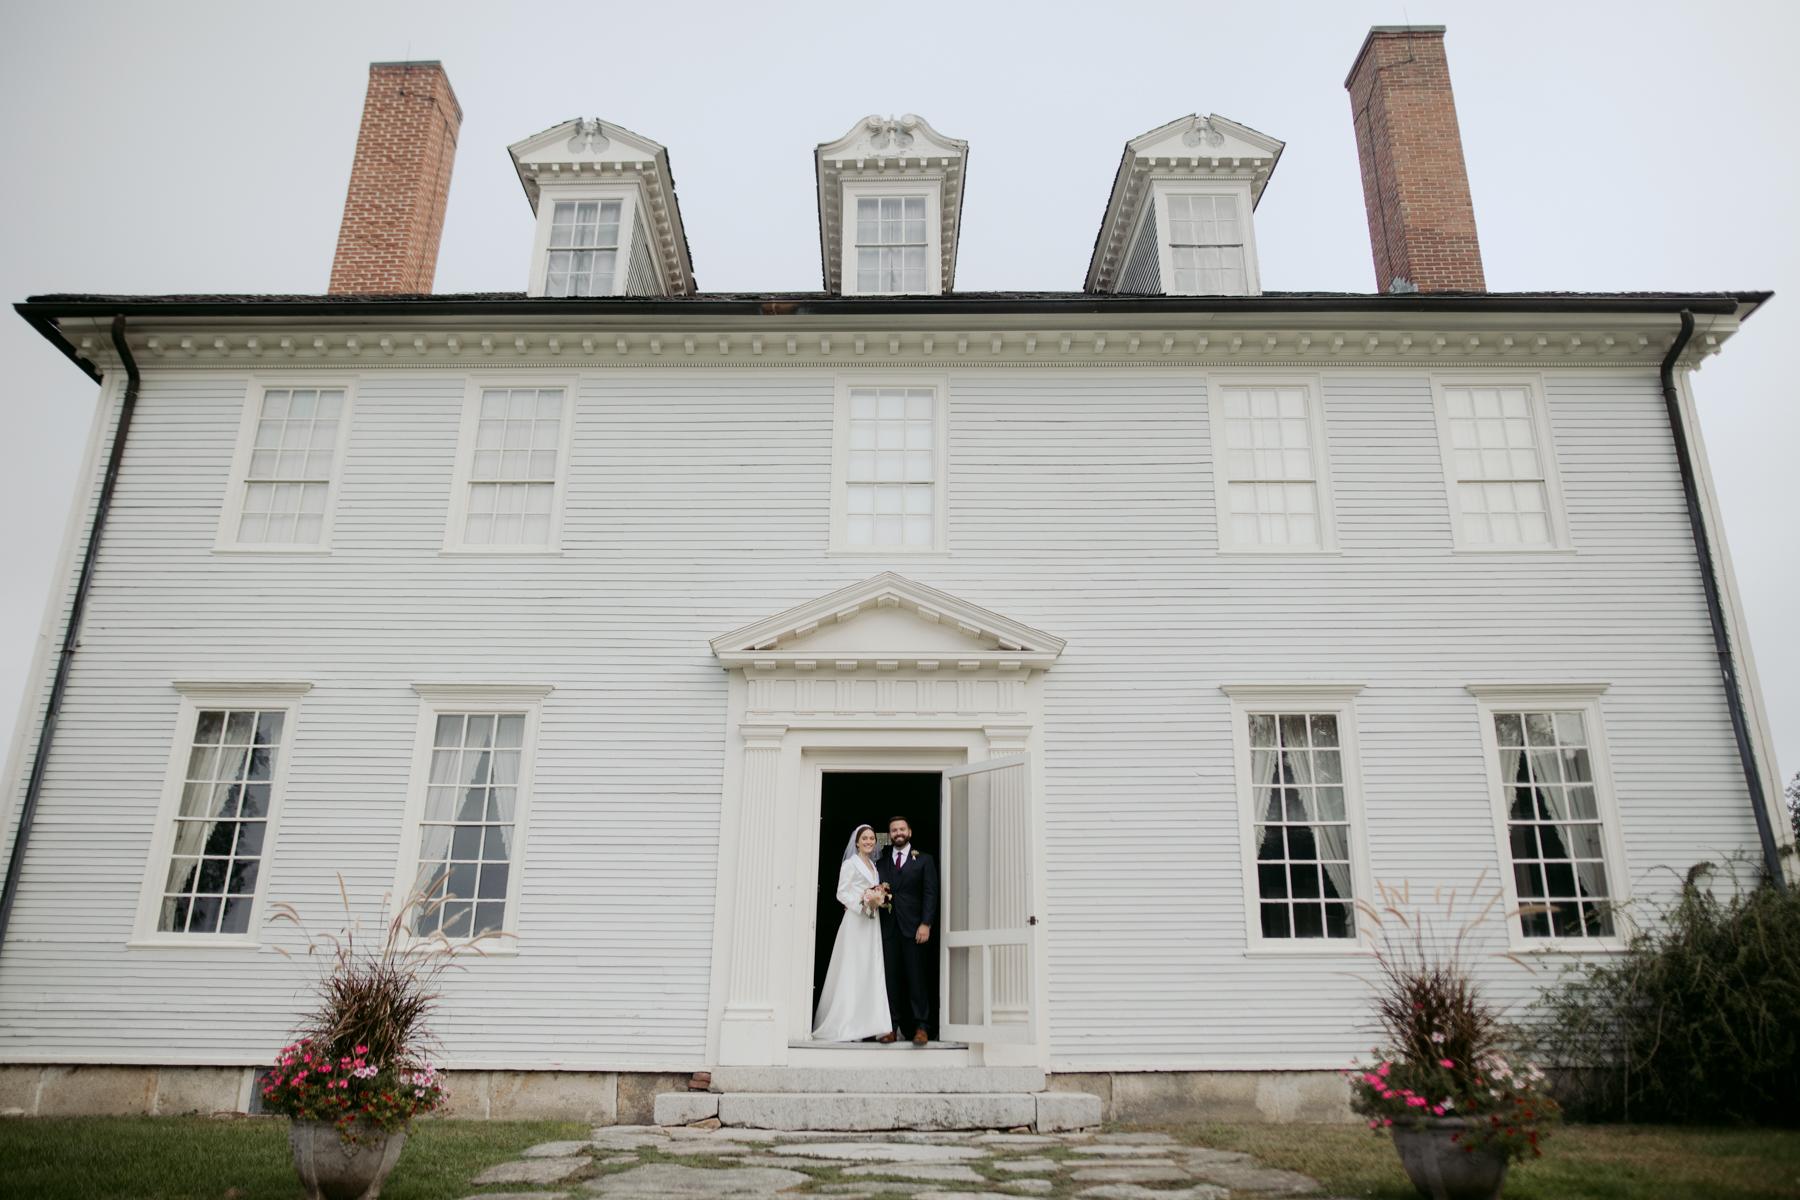 Hamilton_House_wedding_maine_Leah_Fisher_Photography-16.jpg